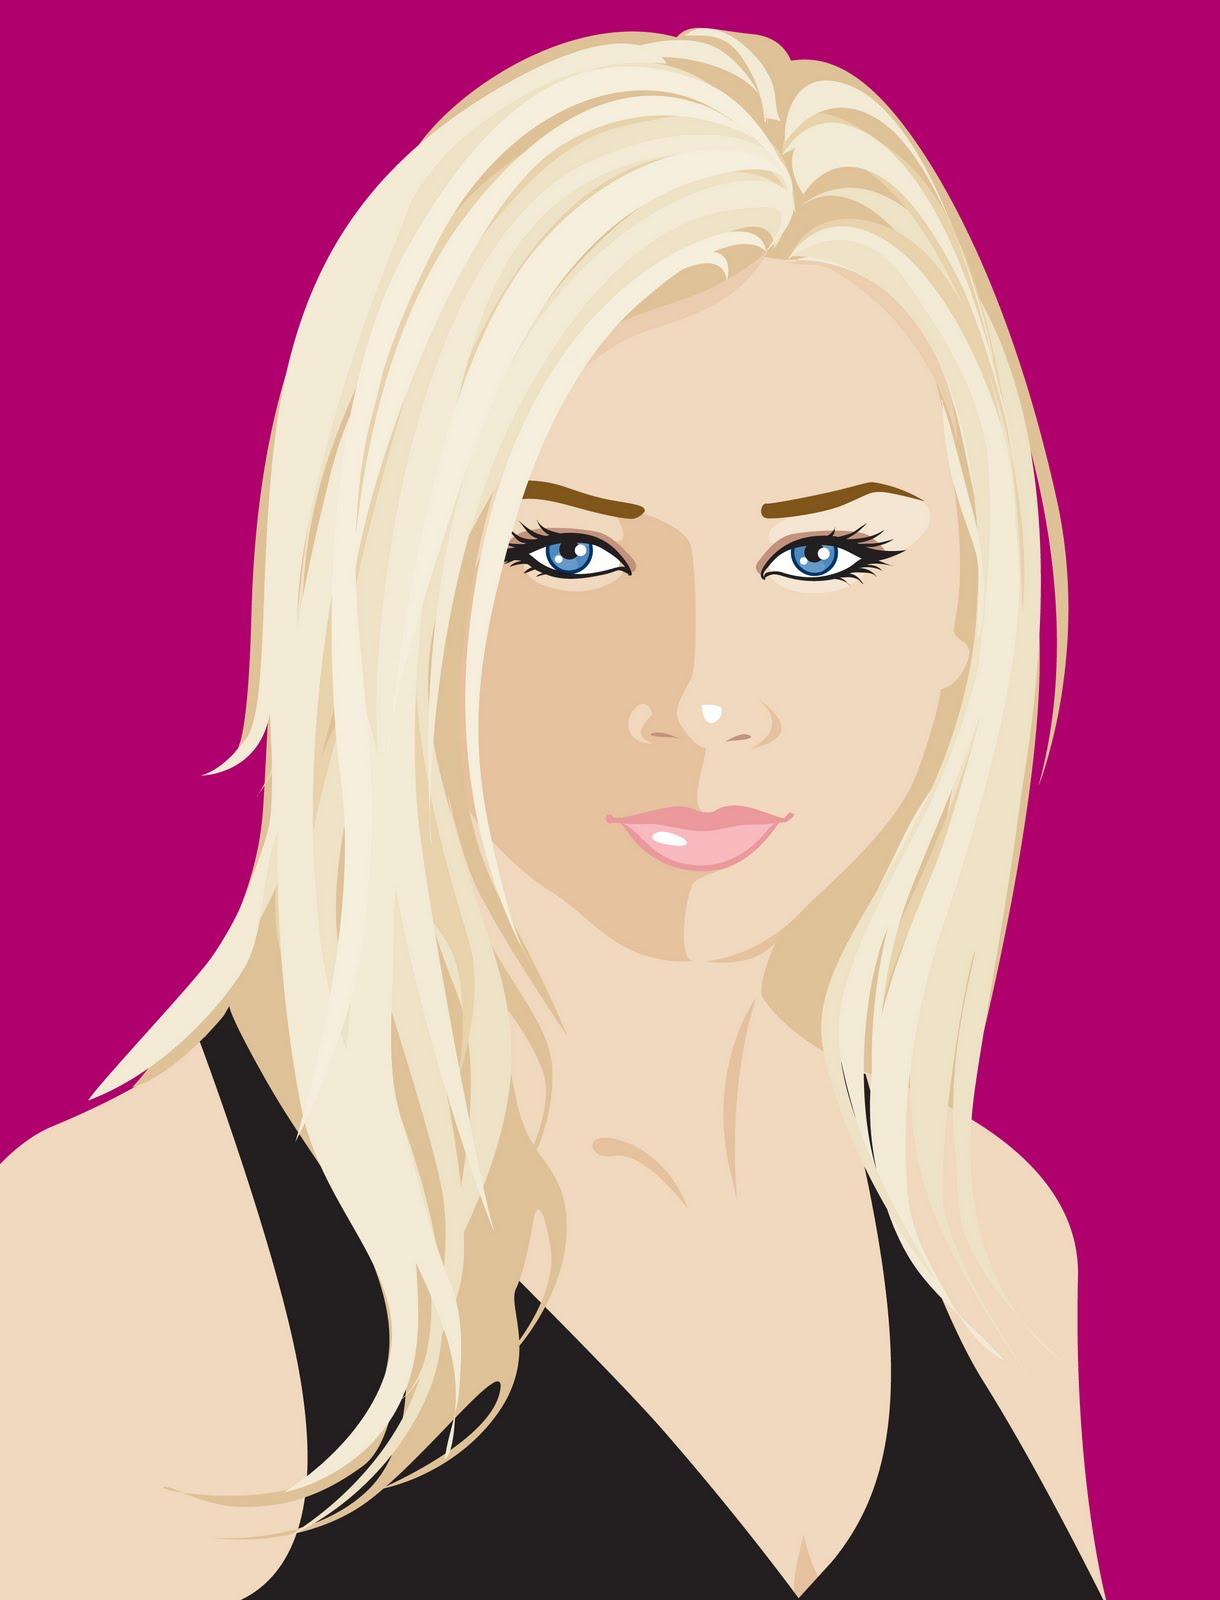 http://3.bp.blogspot.com/_pmq10hJFGMs/TUDkopGmhdI/AAAAAAAAAEk/HBH6aDnEgCw/s1600/Mika.jpg